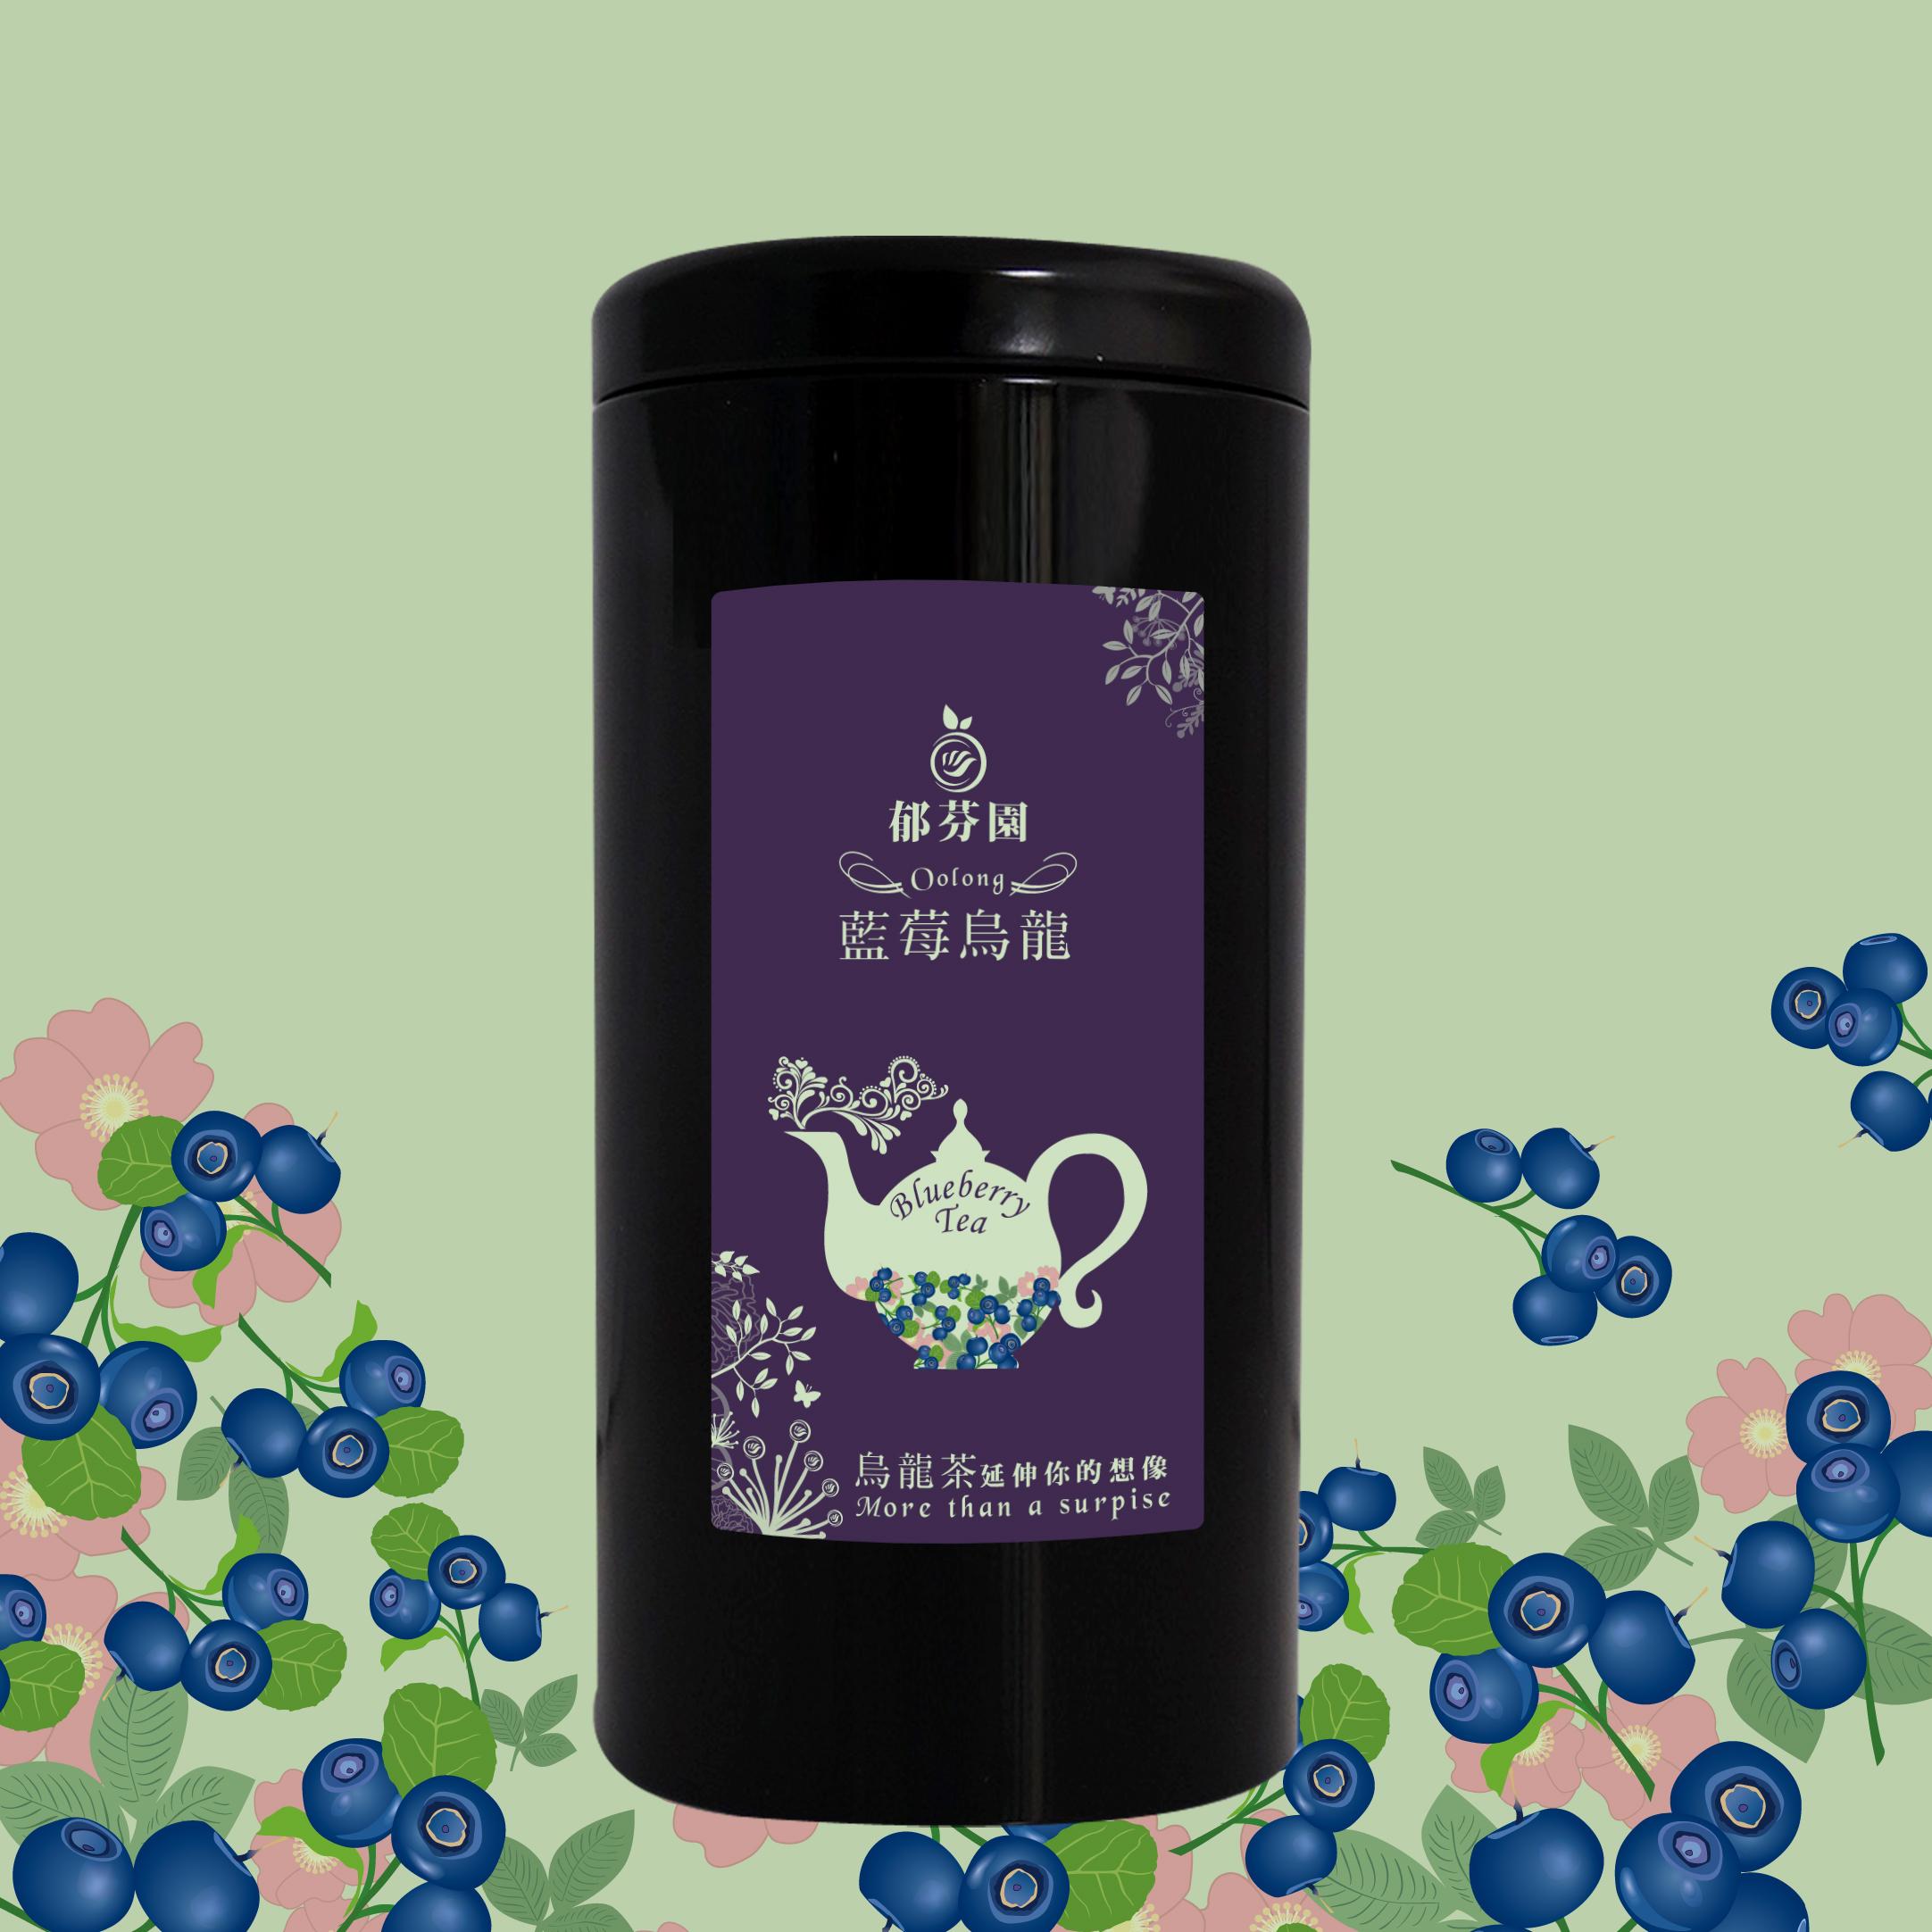 藍莓烏龍 100g/罐 Blueberry Oolong Tea ----- ★歐式烏龍茶/英式烏龍茶/歐式下午茶/英式下午茶/藍莓茶/水果茶